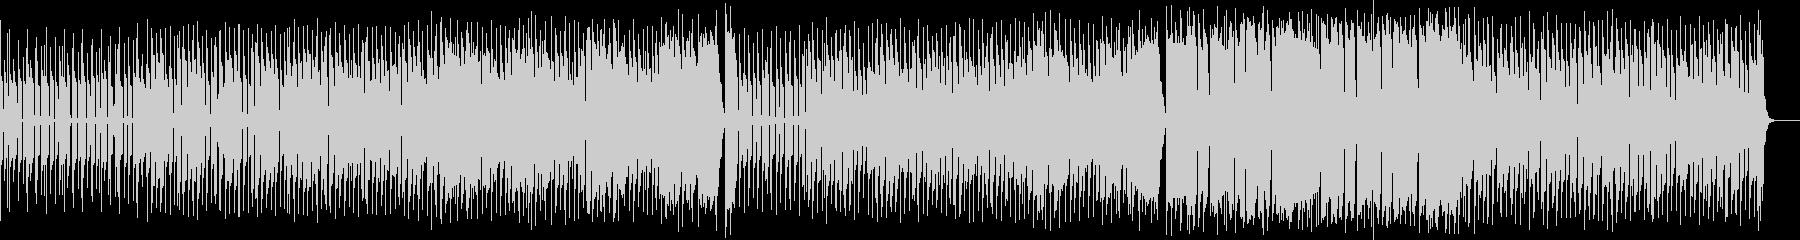 歪んだギターのクラシック風ロックサウンドの未再生の波形